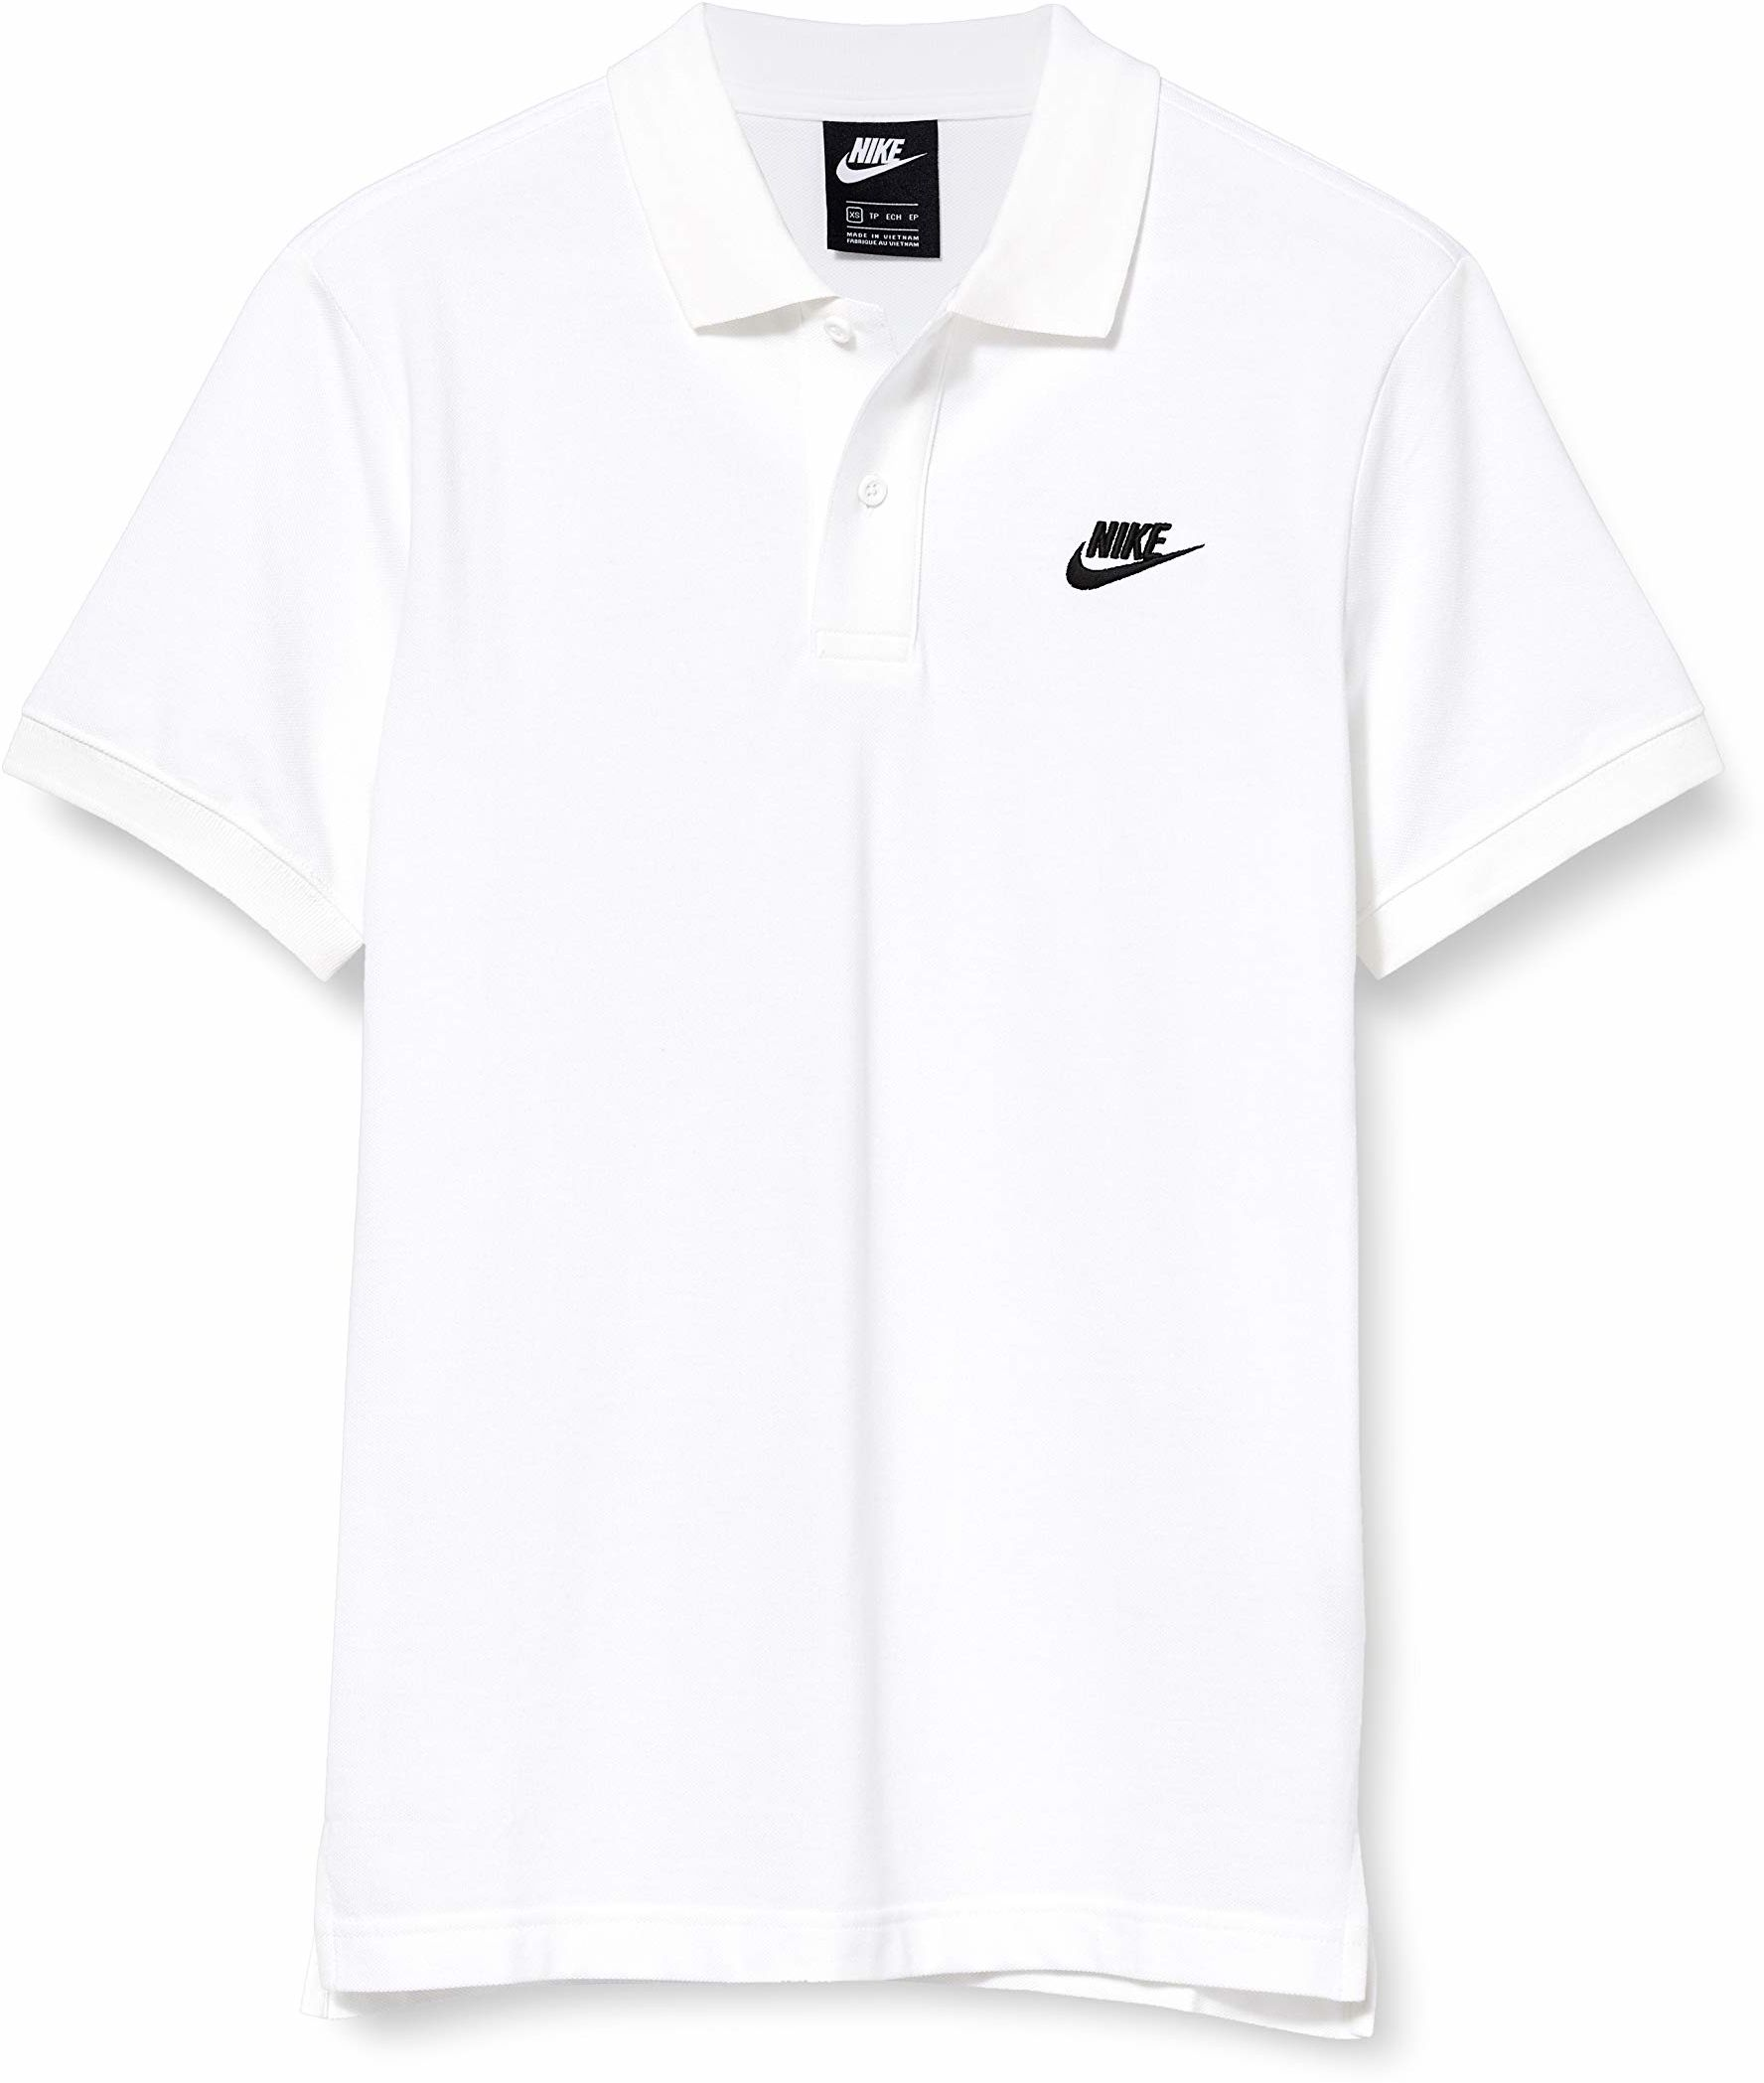 Nike Męska koszulka polo Sportswear biały biały i czarny M